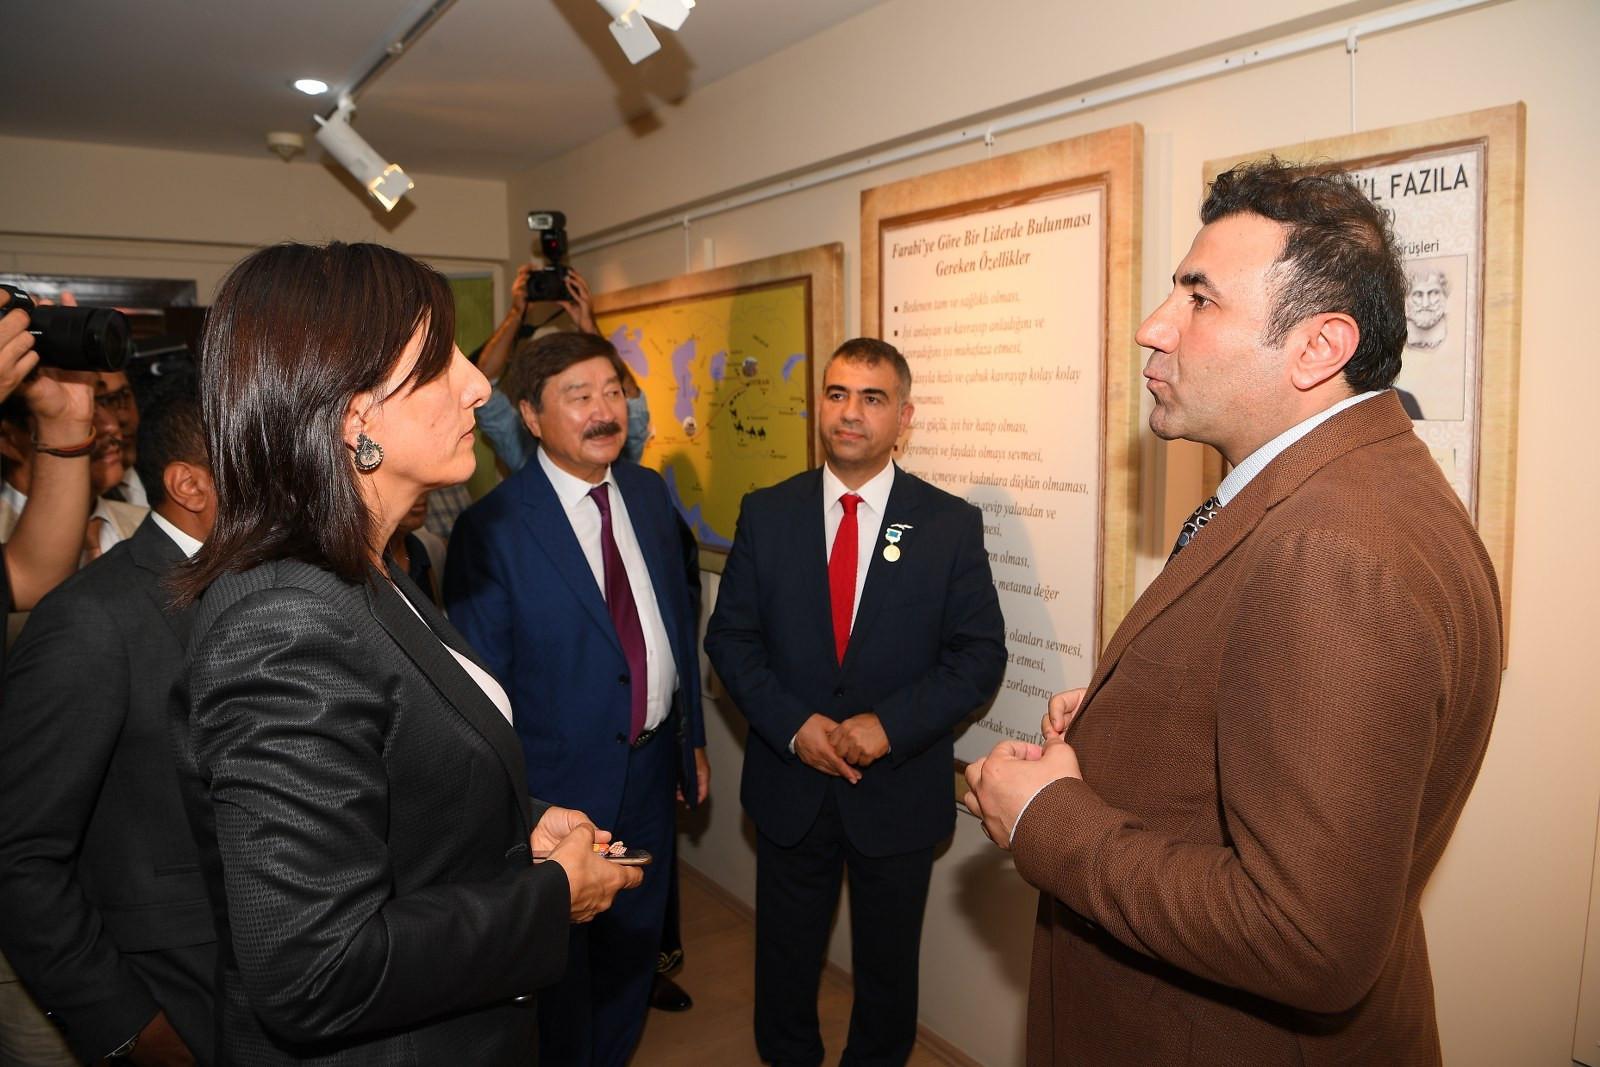 Ebu Nasr El Farabi Evi açıldı Galeri - 24. Resim